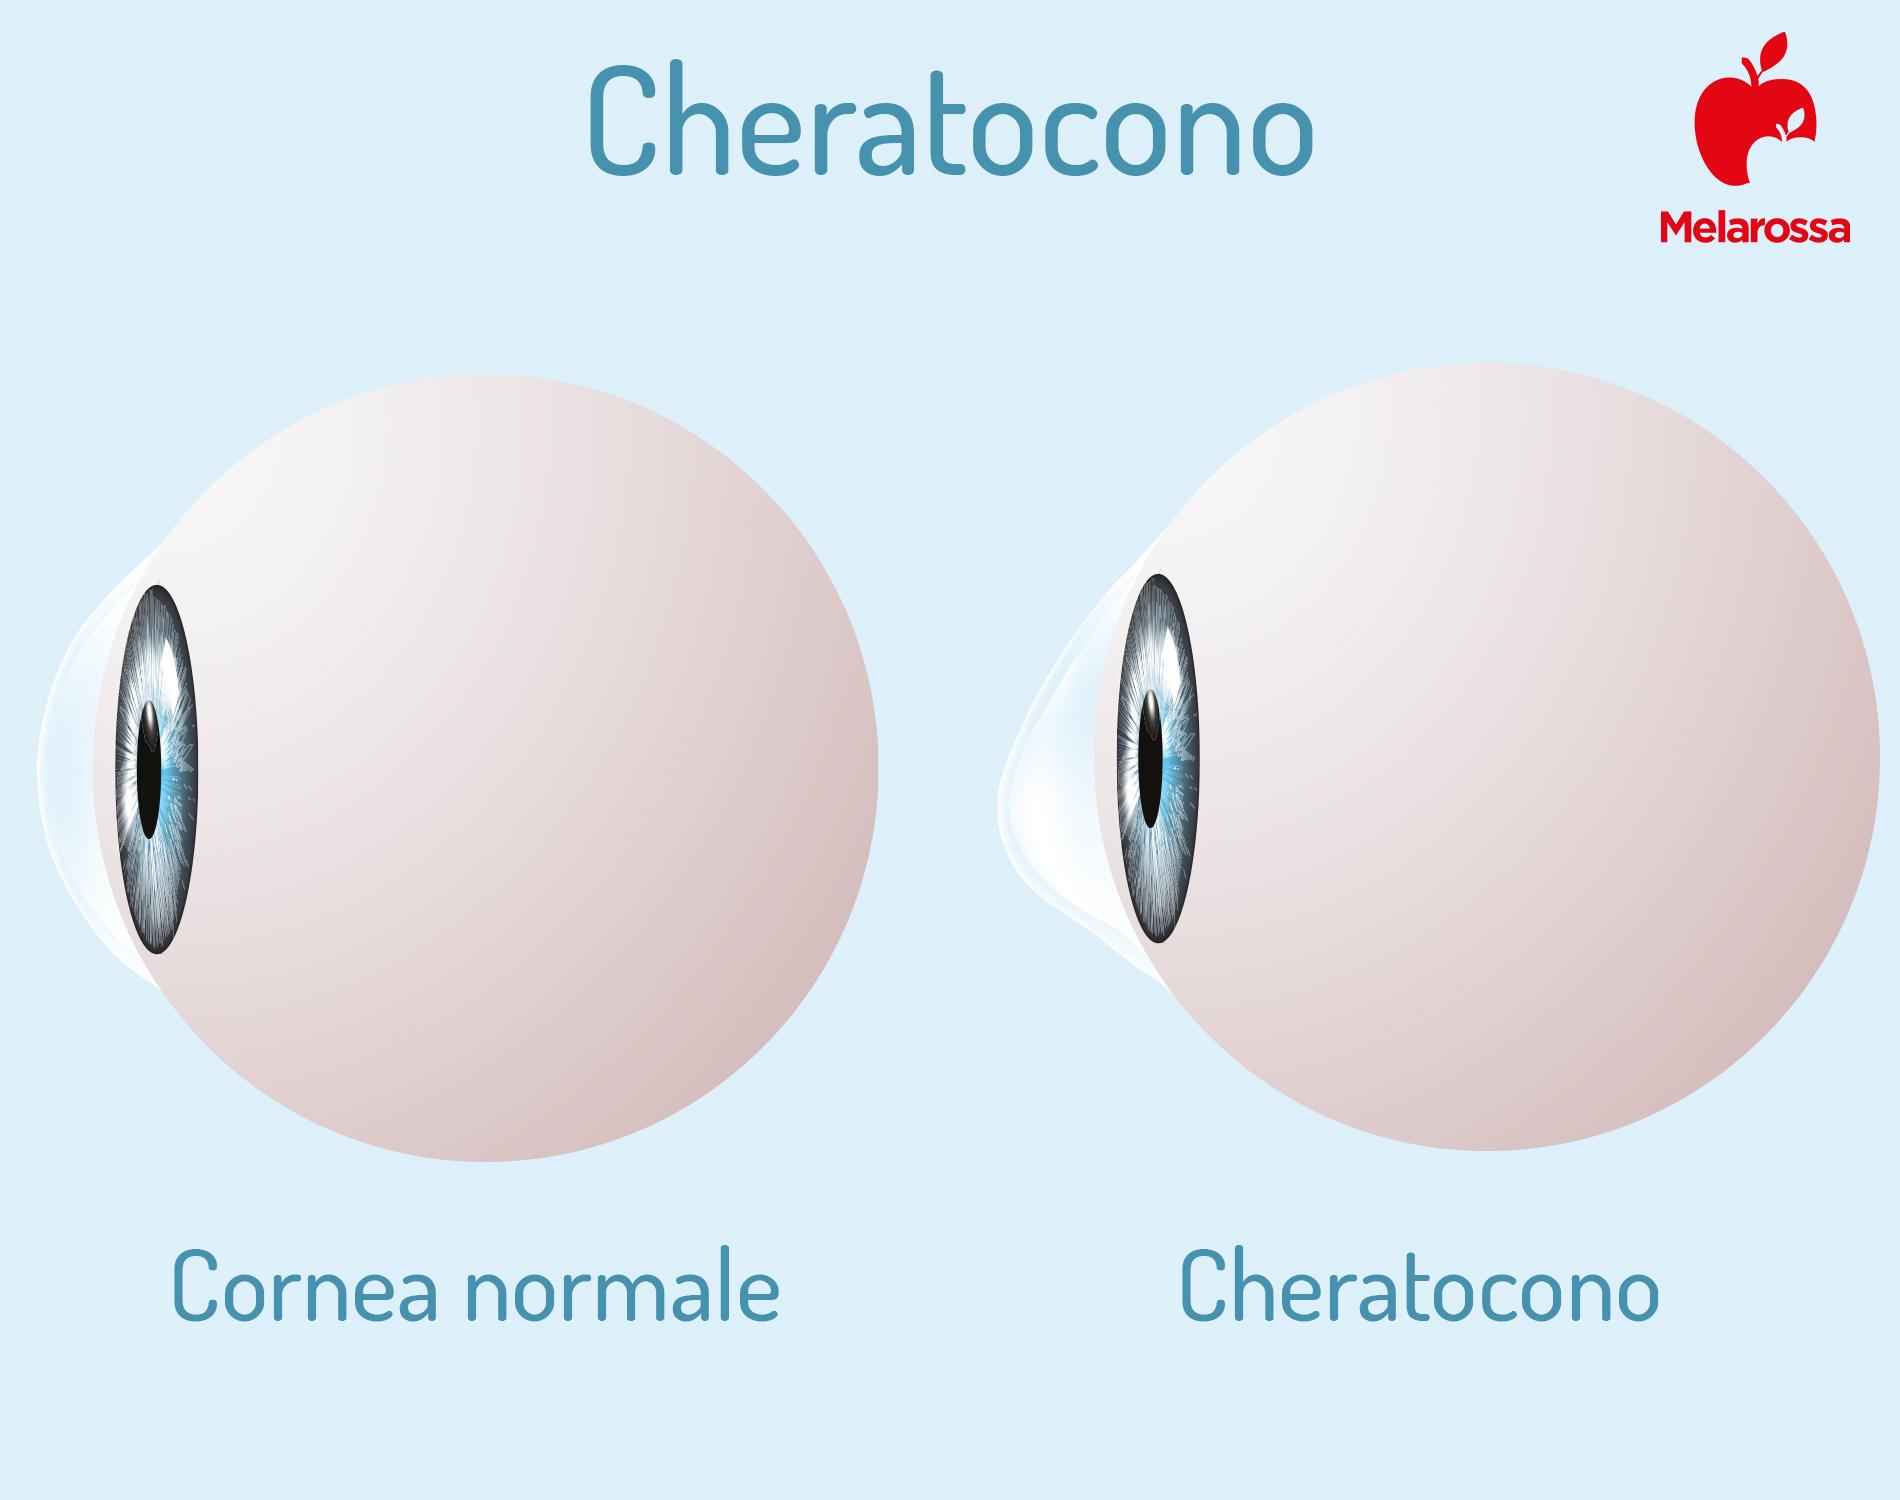 cornea e cheratocono- Infografica